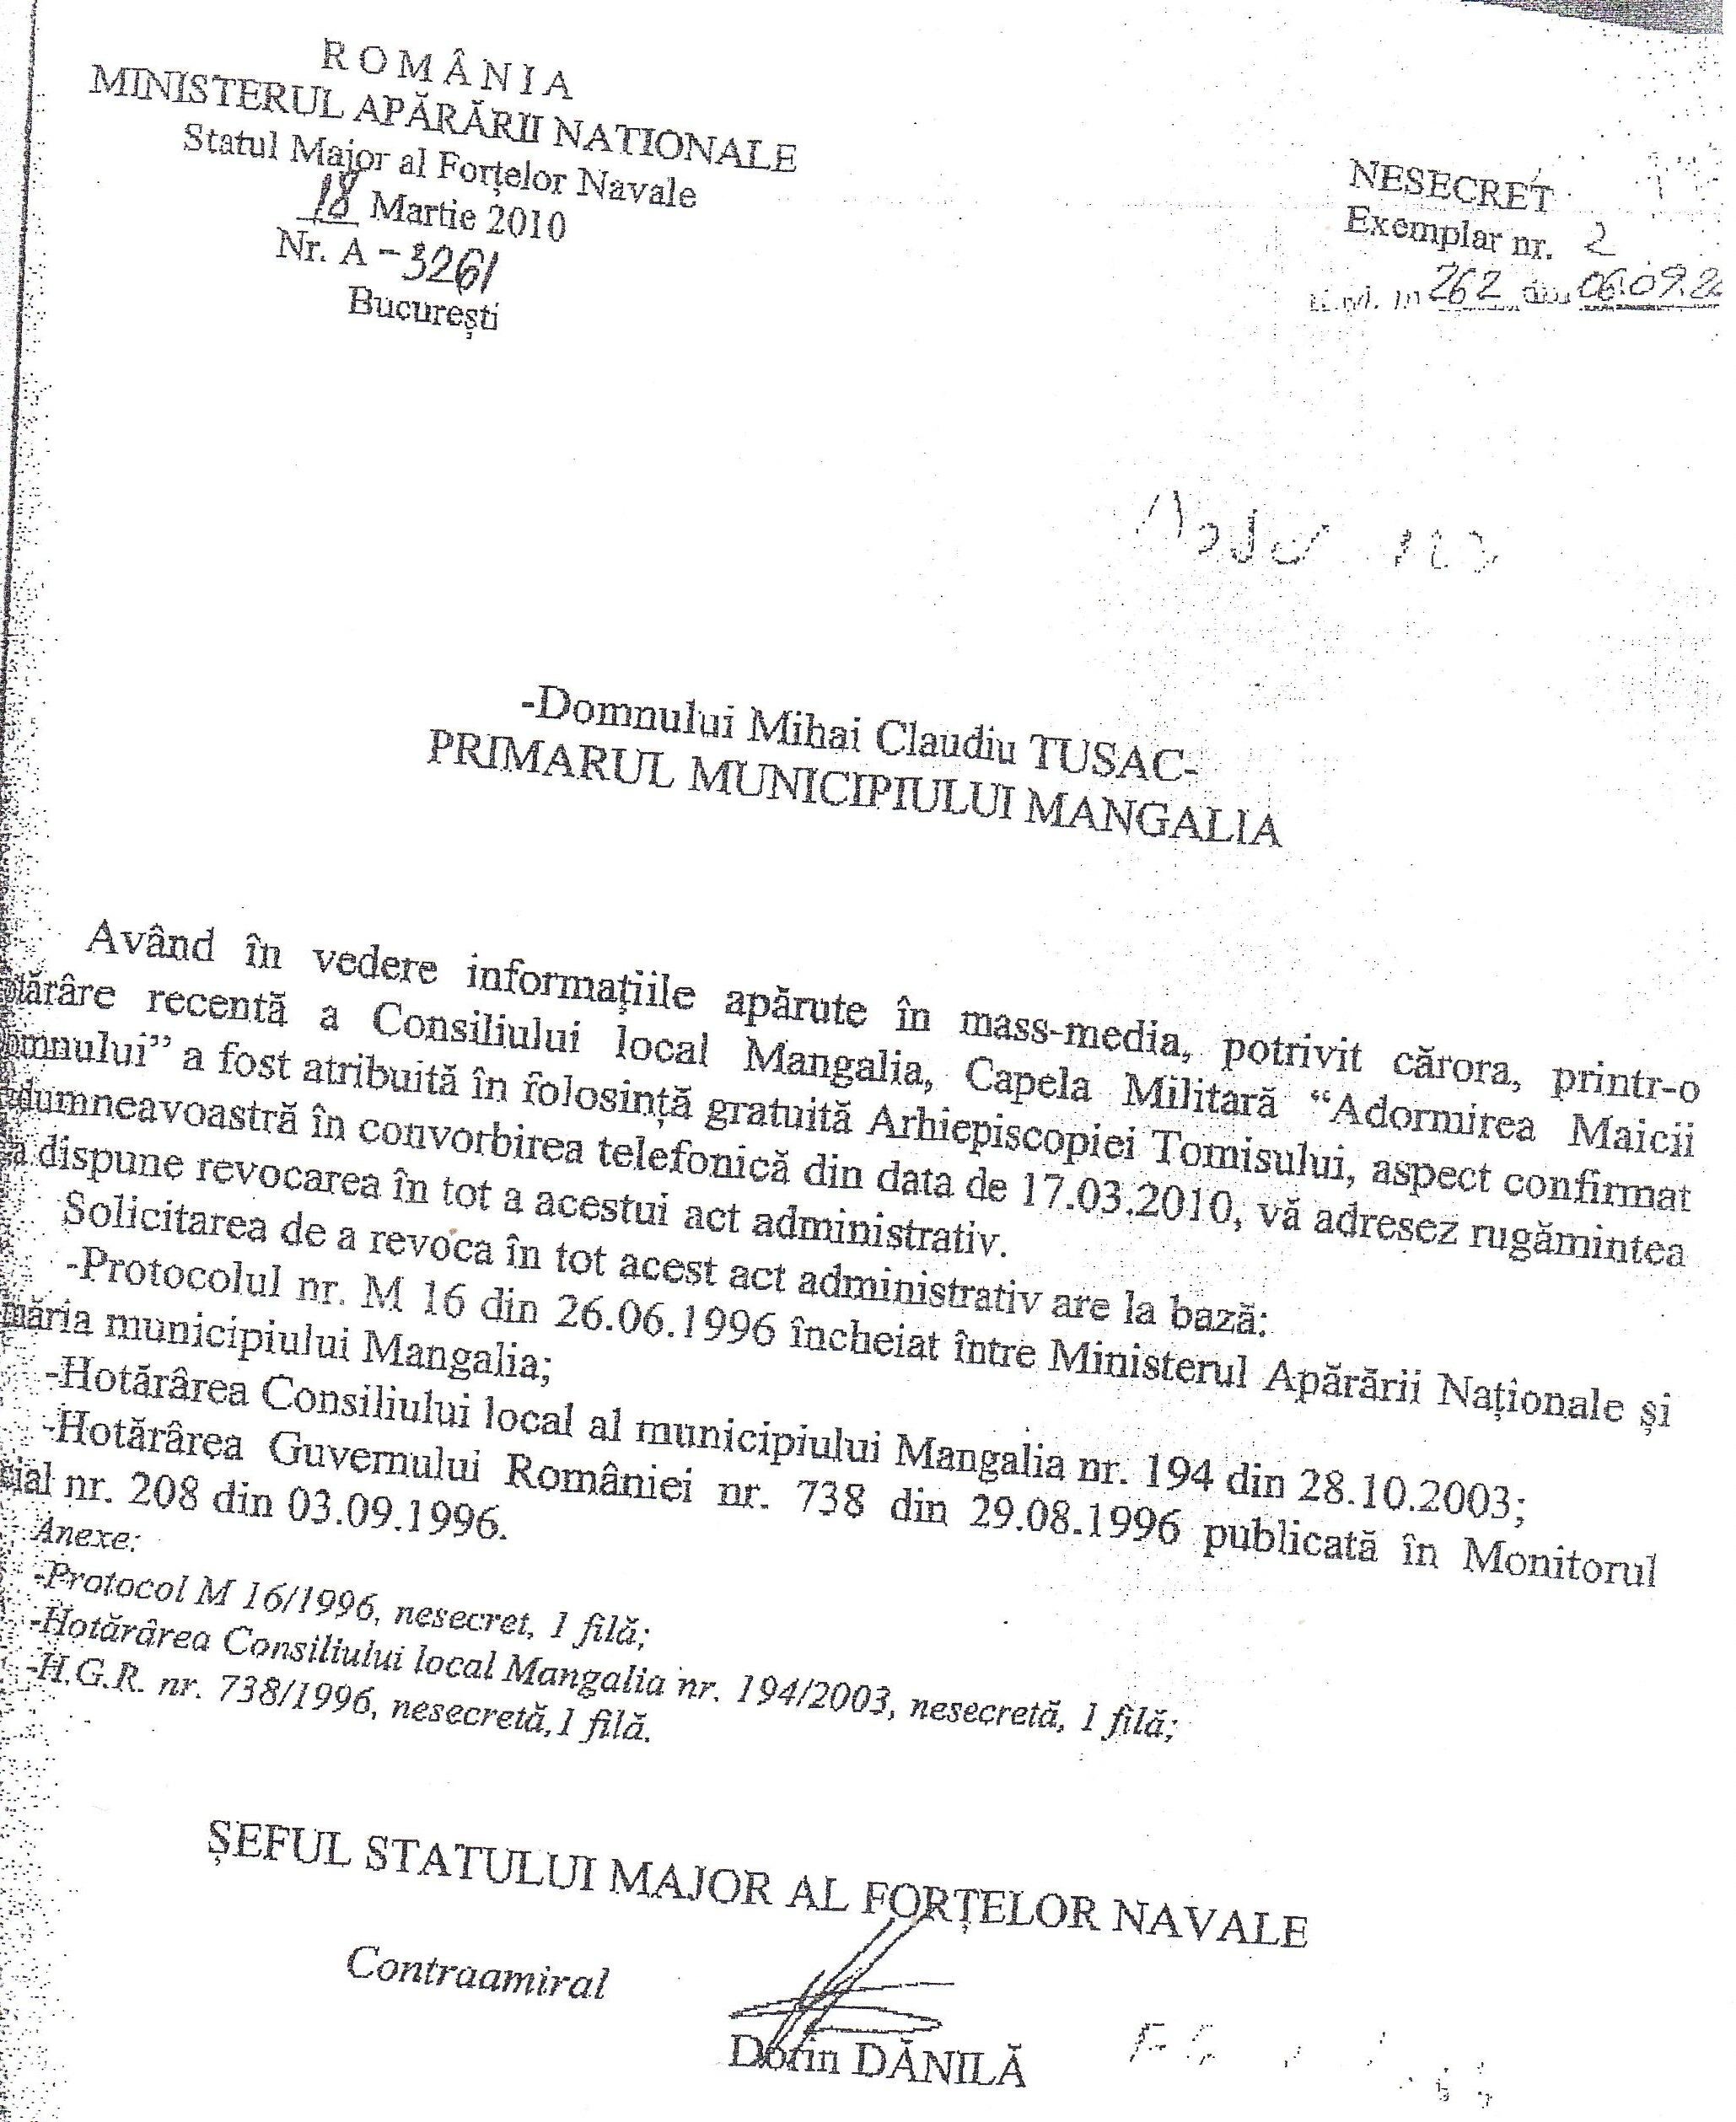 Adresa nr. A-3261 din 18.03.2010 a Statului Major al Forțelor Navale, prin care se solicită revocarea H.C.L. Mangalia nr. 60/ 2010, care, în mod abuziv, încălca grav H.C.L. nr. 194/ 28.10.2003, H.G. nr. 738/ 29.08.1996 și Protocolul nr. M16/ 26.06.1996. O adresă identică a fost trimisă și prefectului de atunci Claudiu-Iorga Palas.